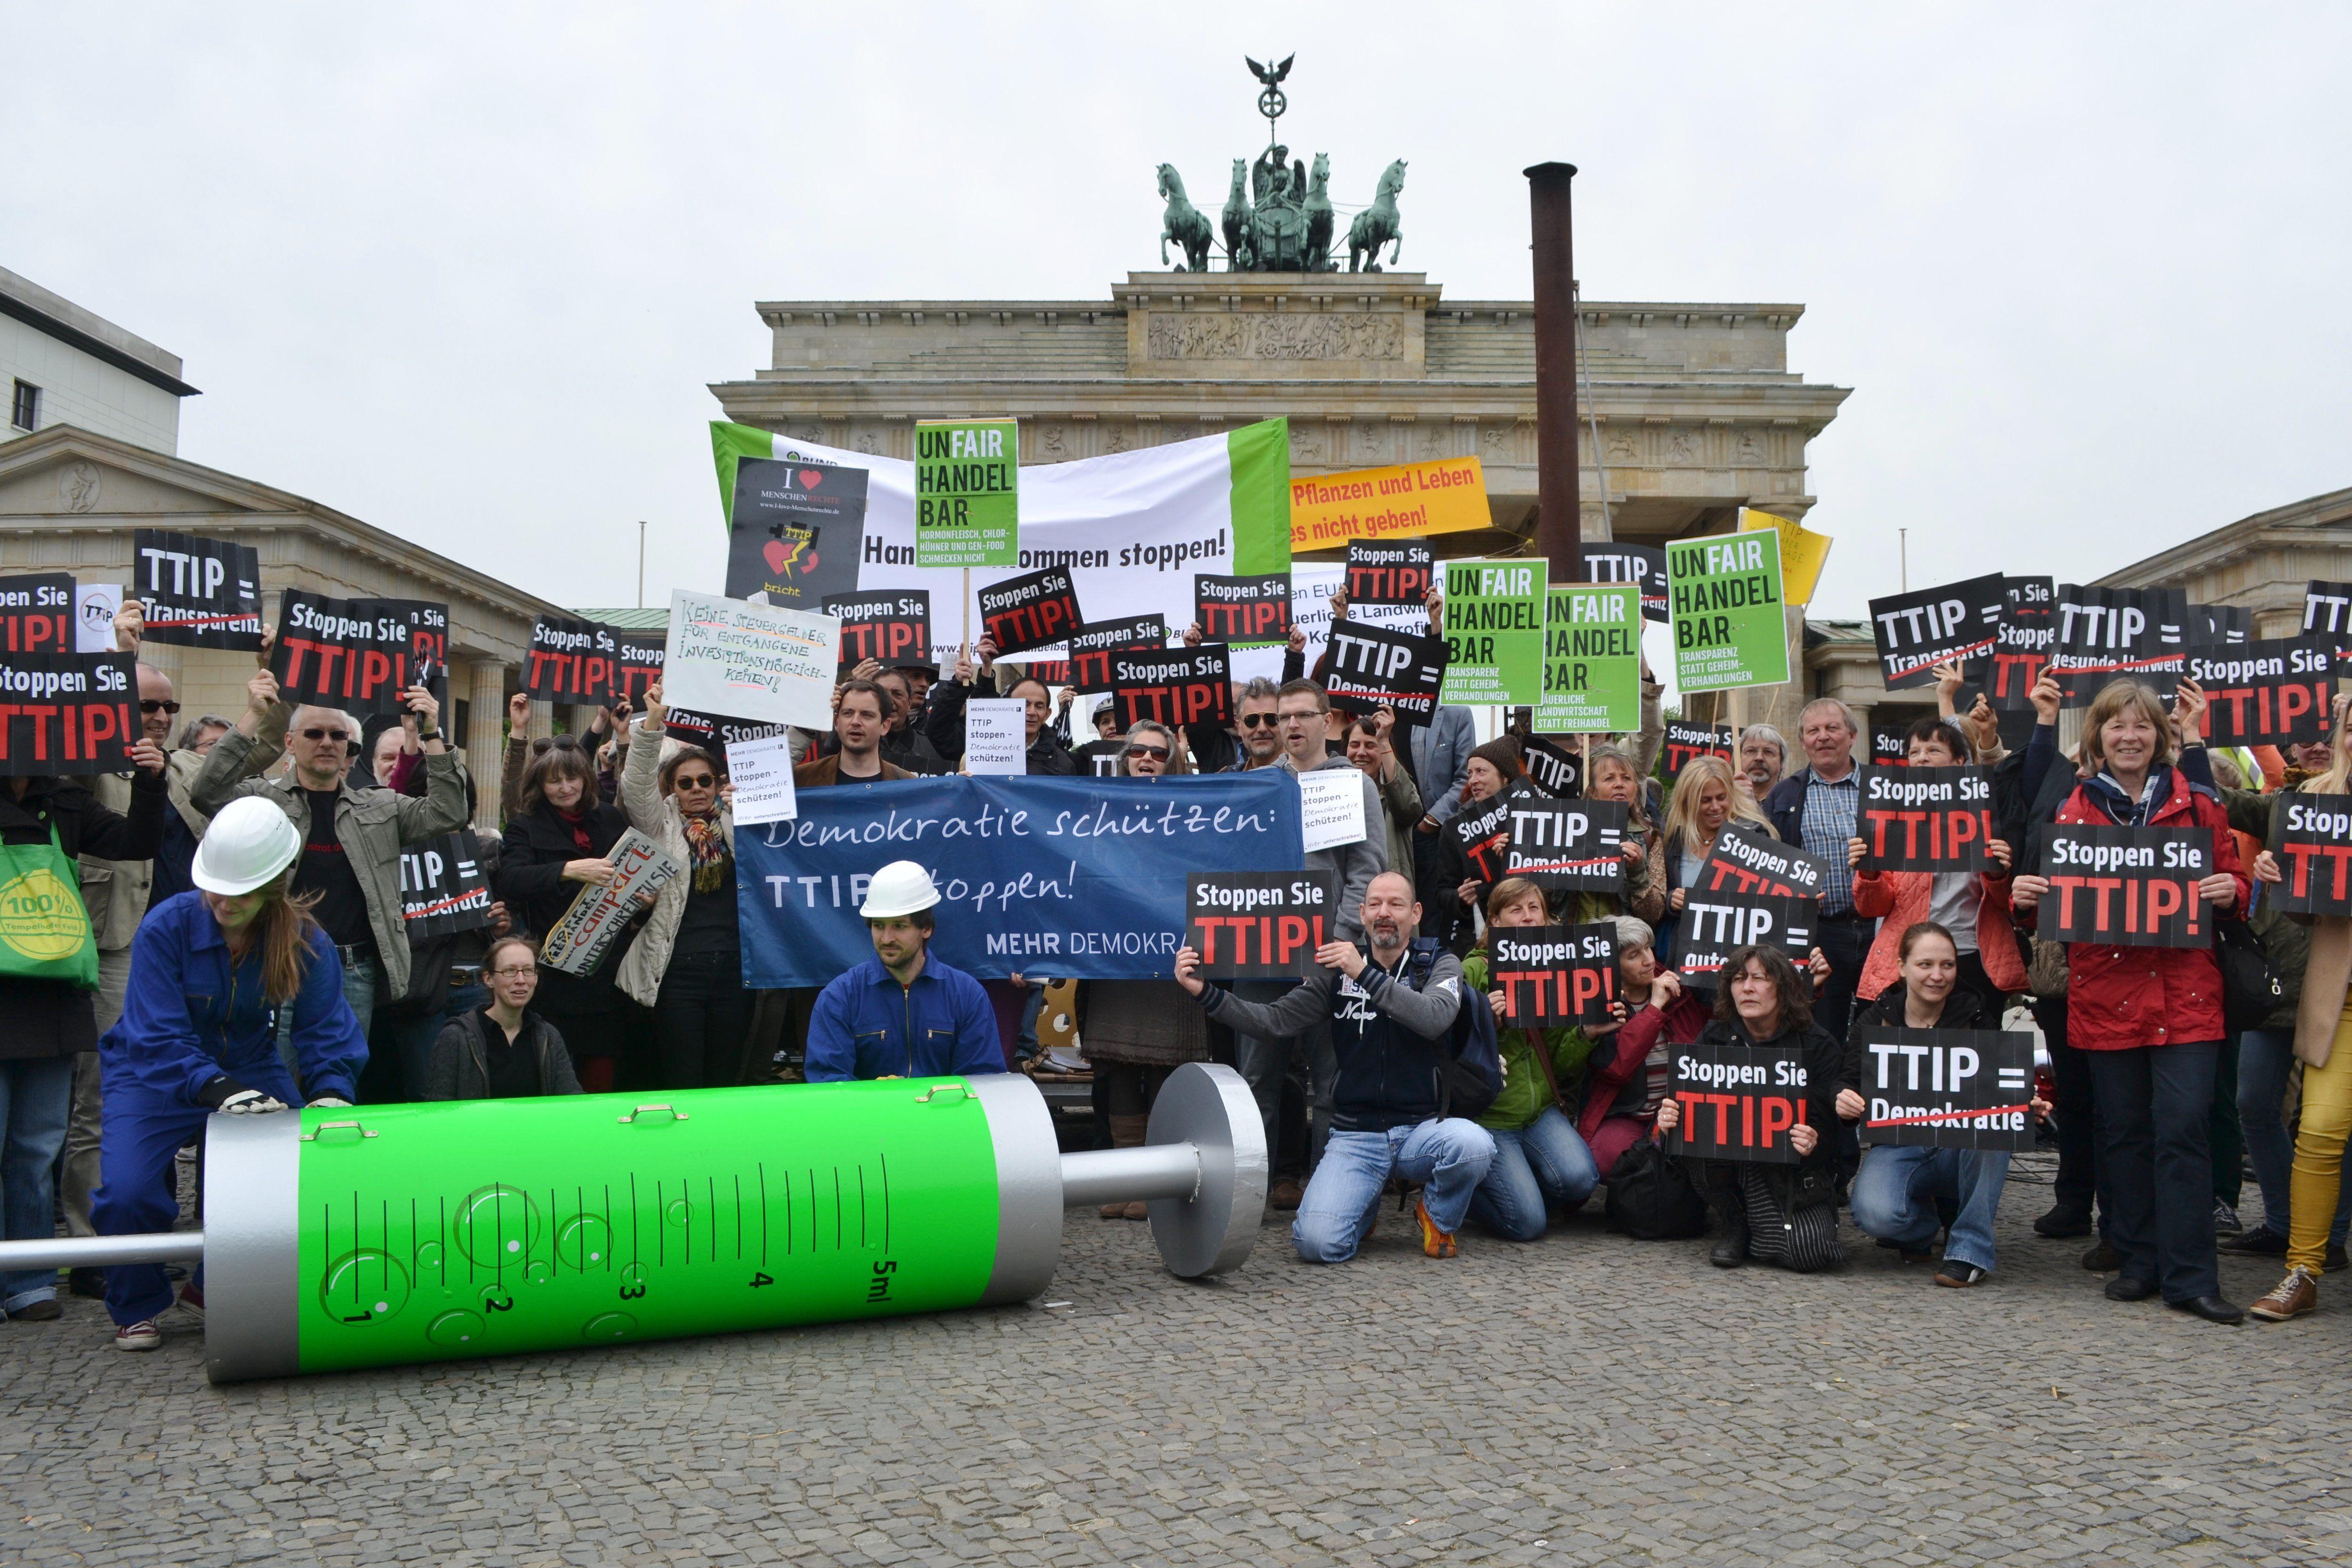 2014-05-06_TTIP-Protest_Uwe_Hiksch06